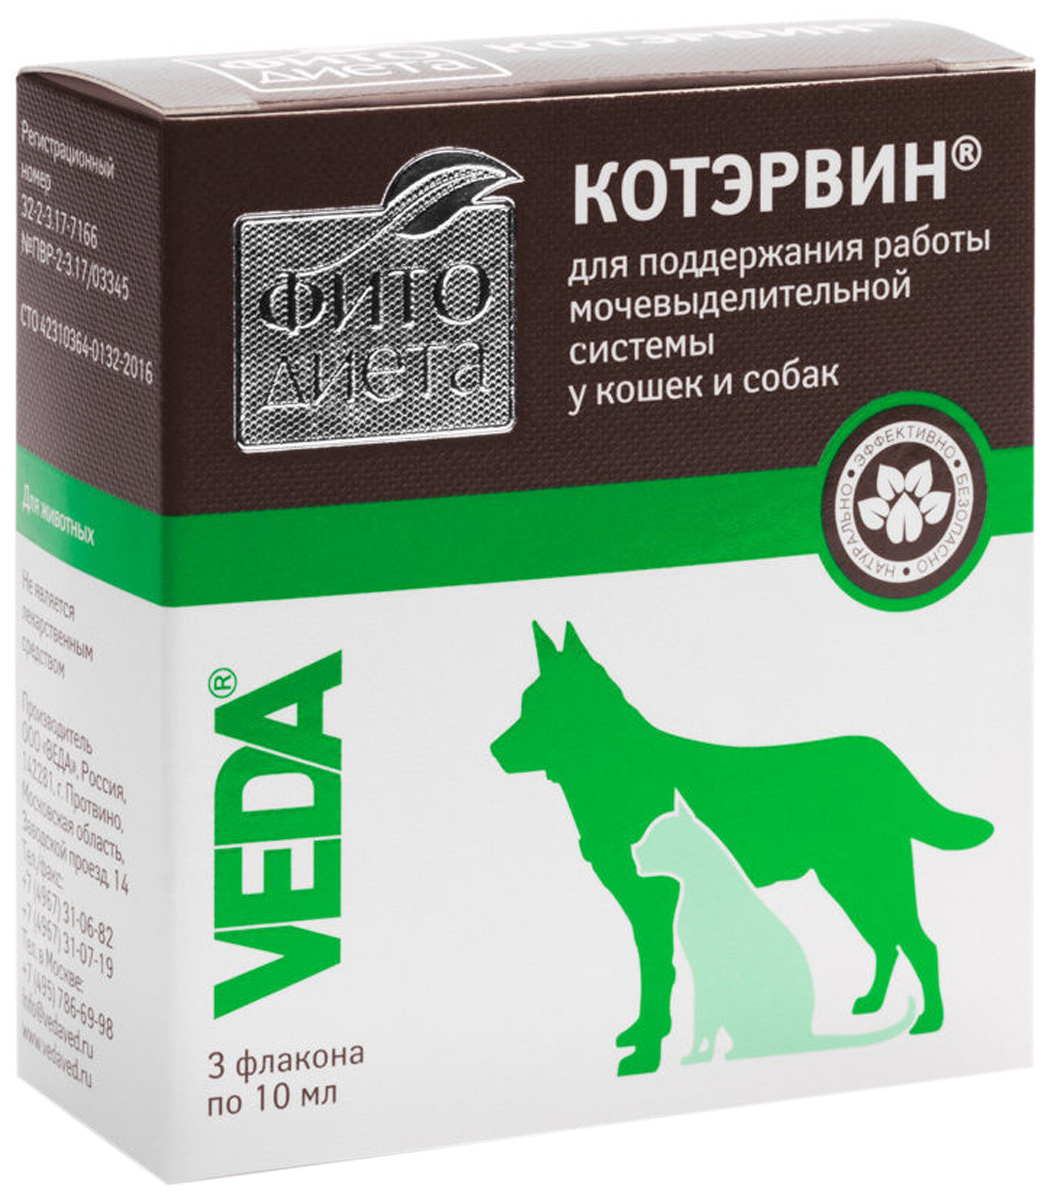 фитодиета котэрвин кормовая добавка для собак и кошек для профилактики мочекаменной болезни 10 мл х 3 флакона (1 шт).